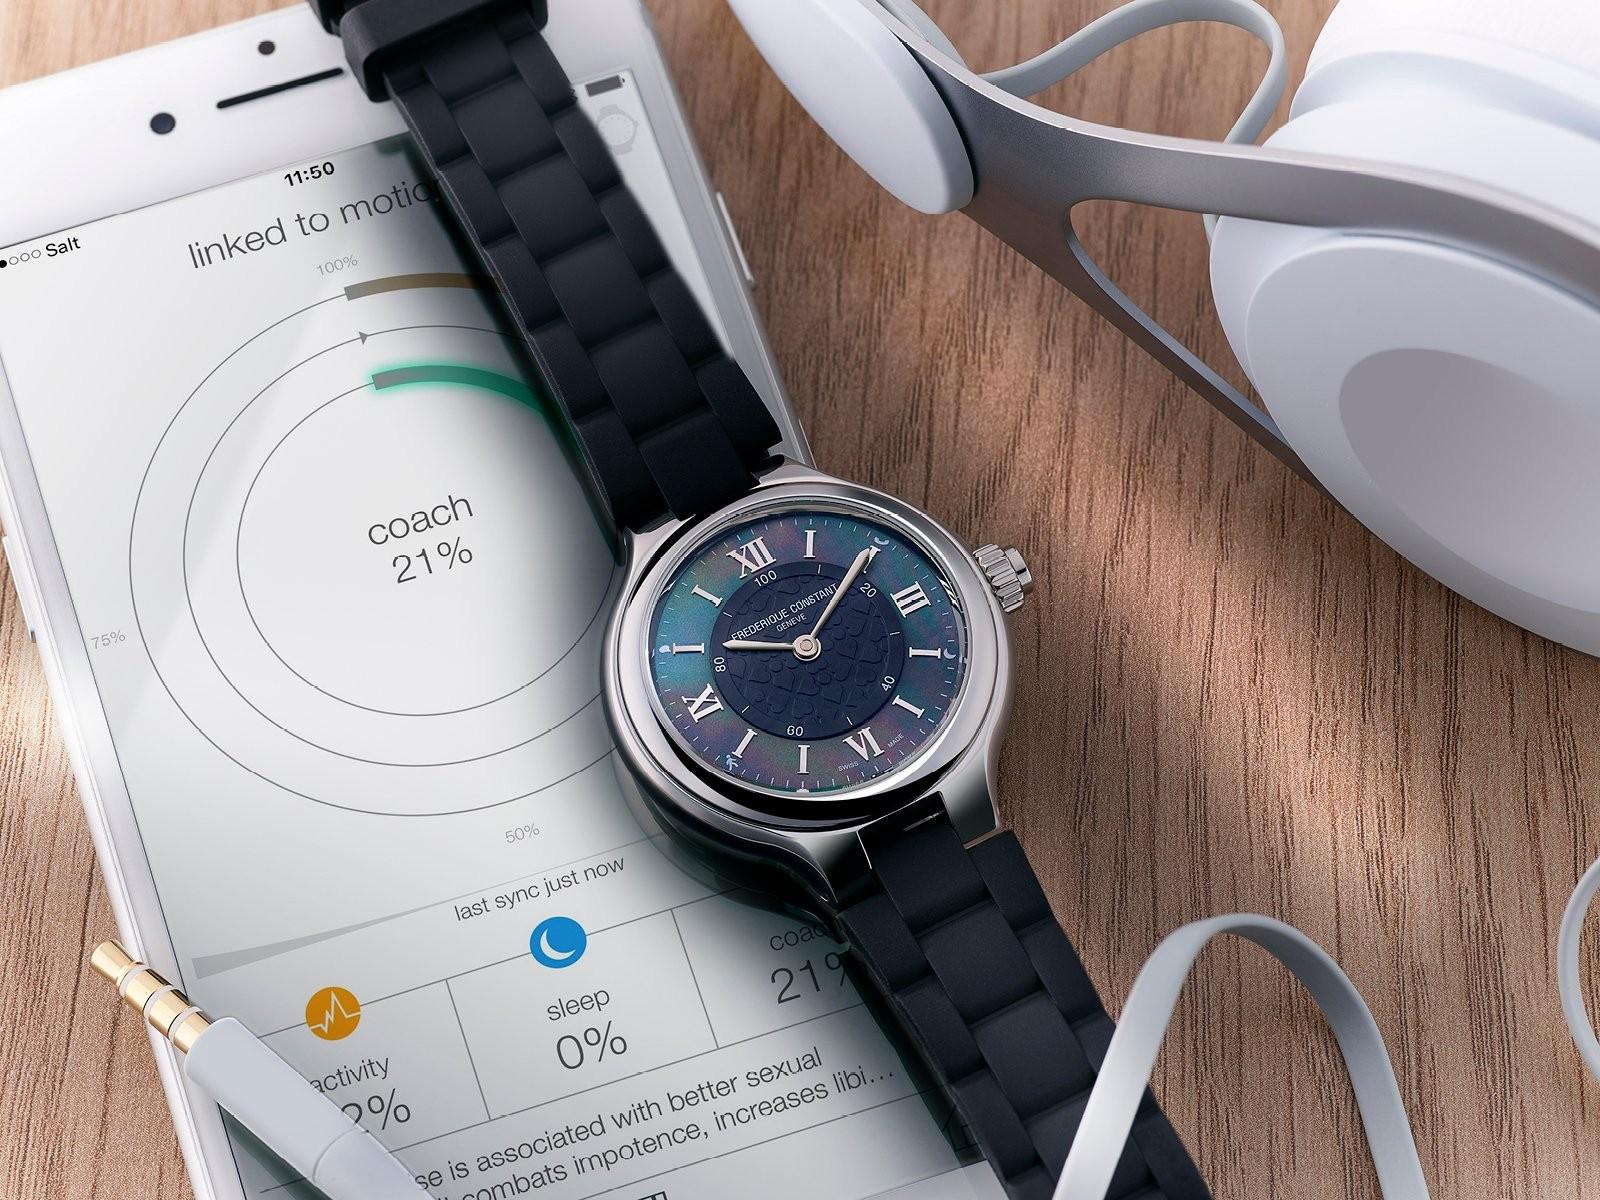 Как выбрать умные часы в 2020 году и не пожалеть об этом